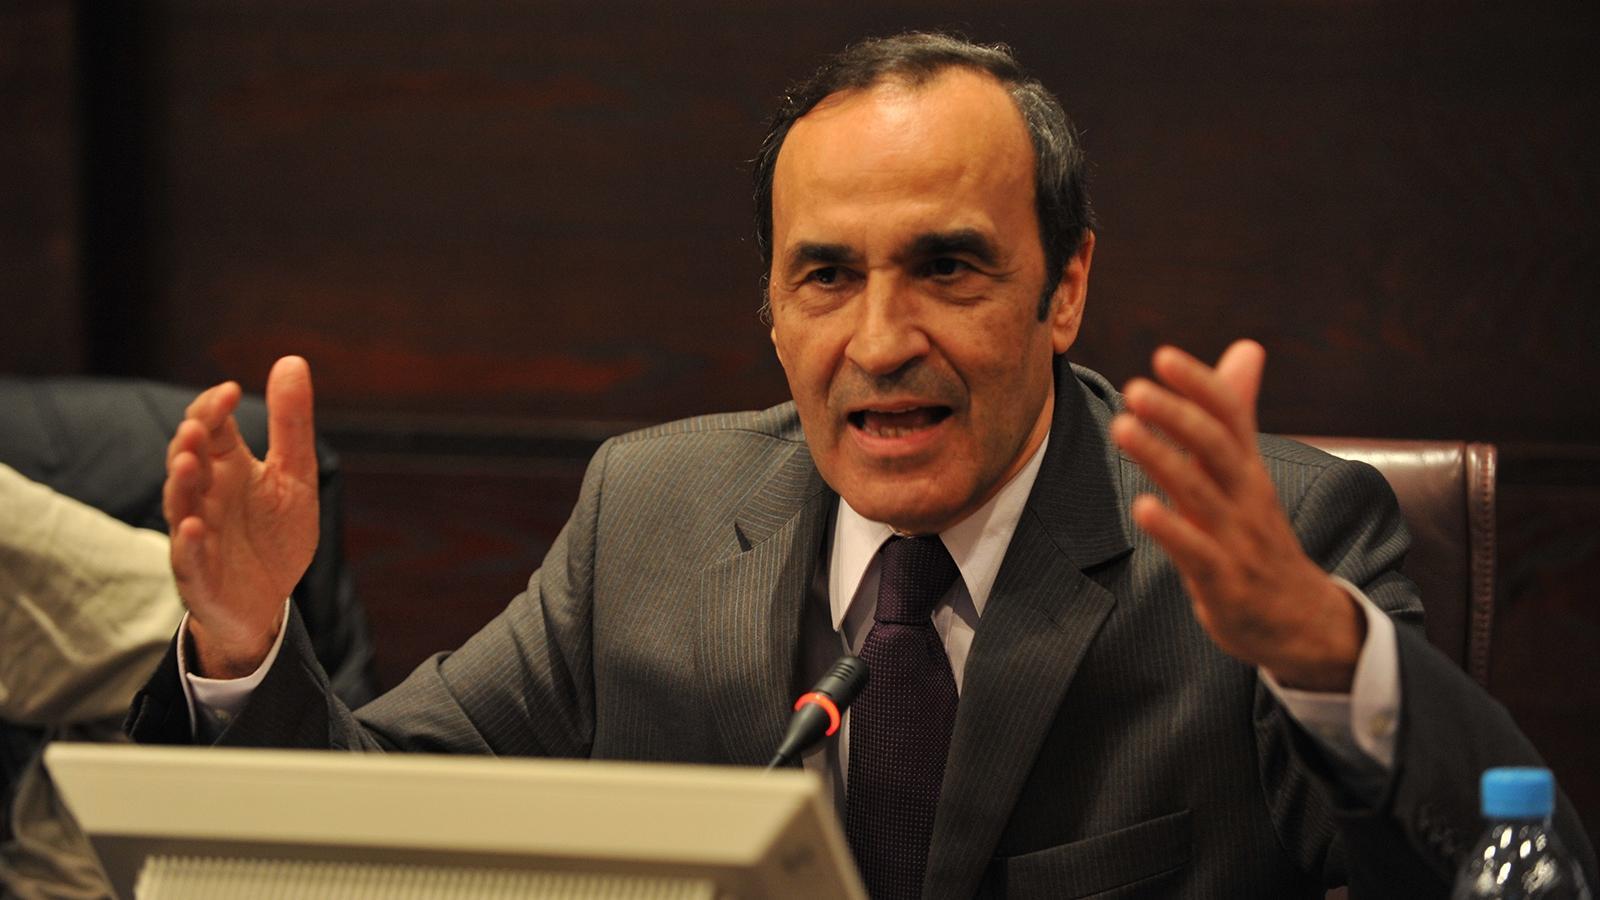 المالكي يخرج عن صمته بخصوص التوظيفات داخل مجلس النواب. آخر مباراة أجريت عام 2006